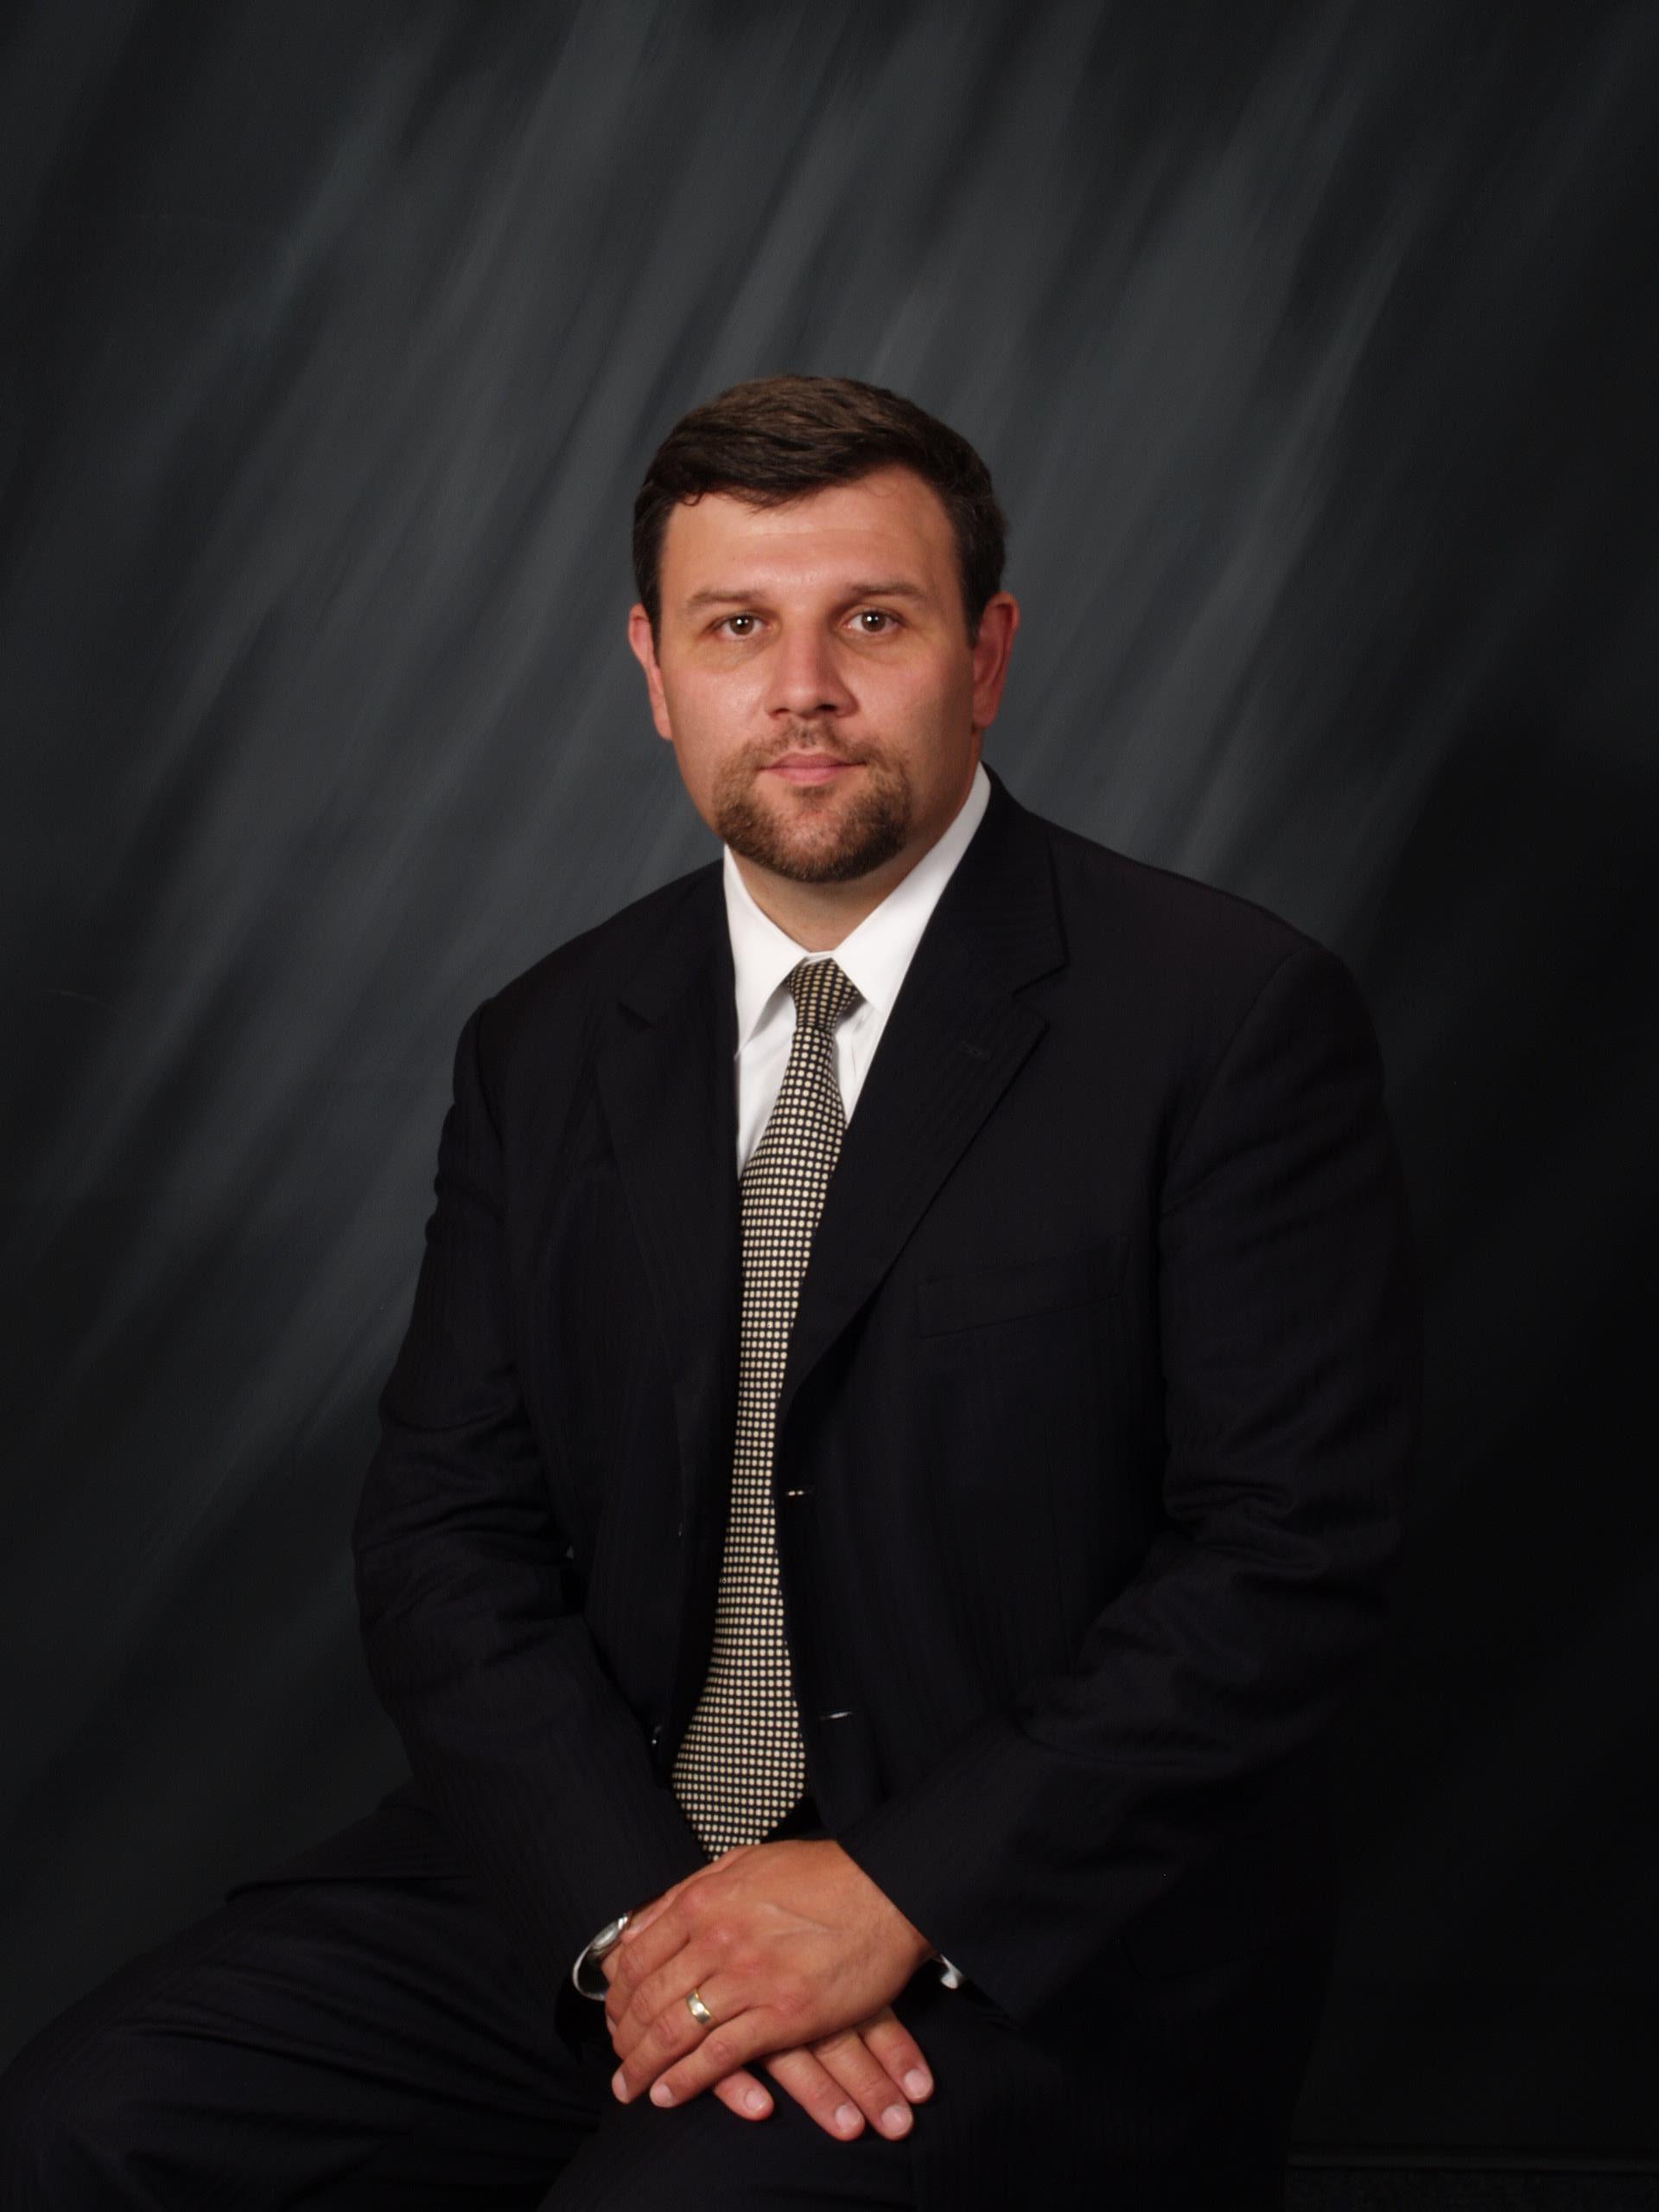 Attorney Arpa Stepanian